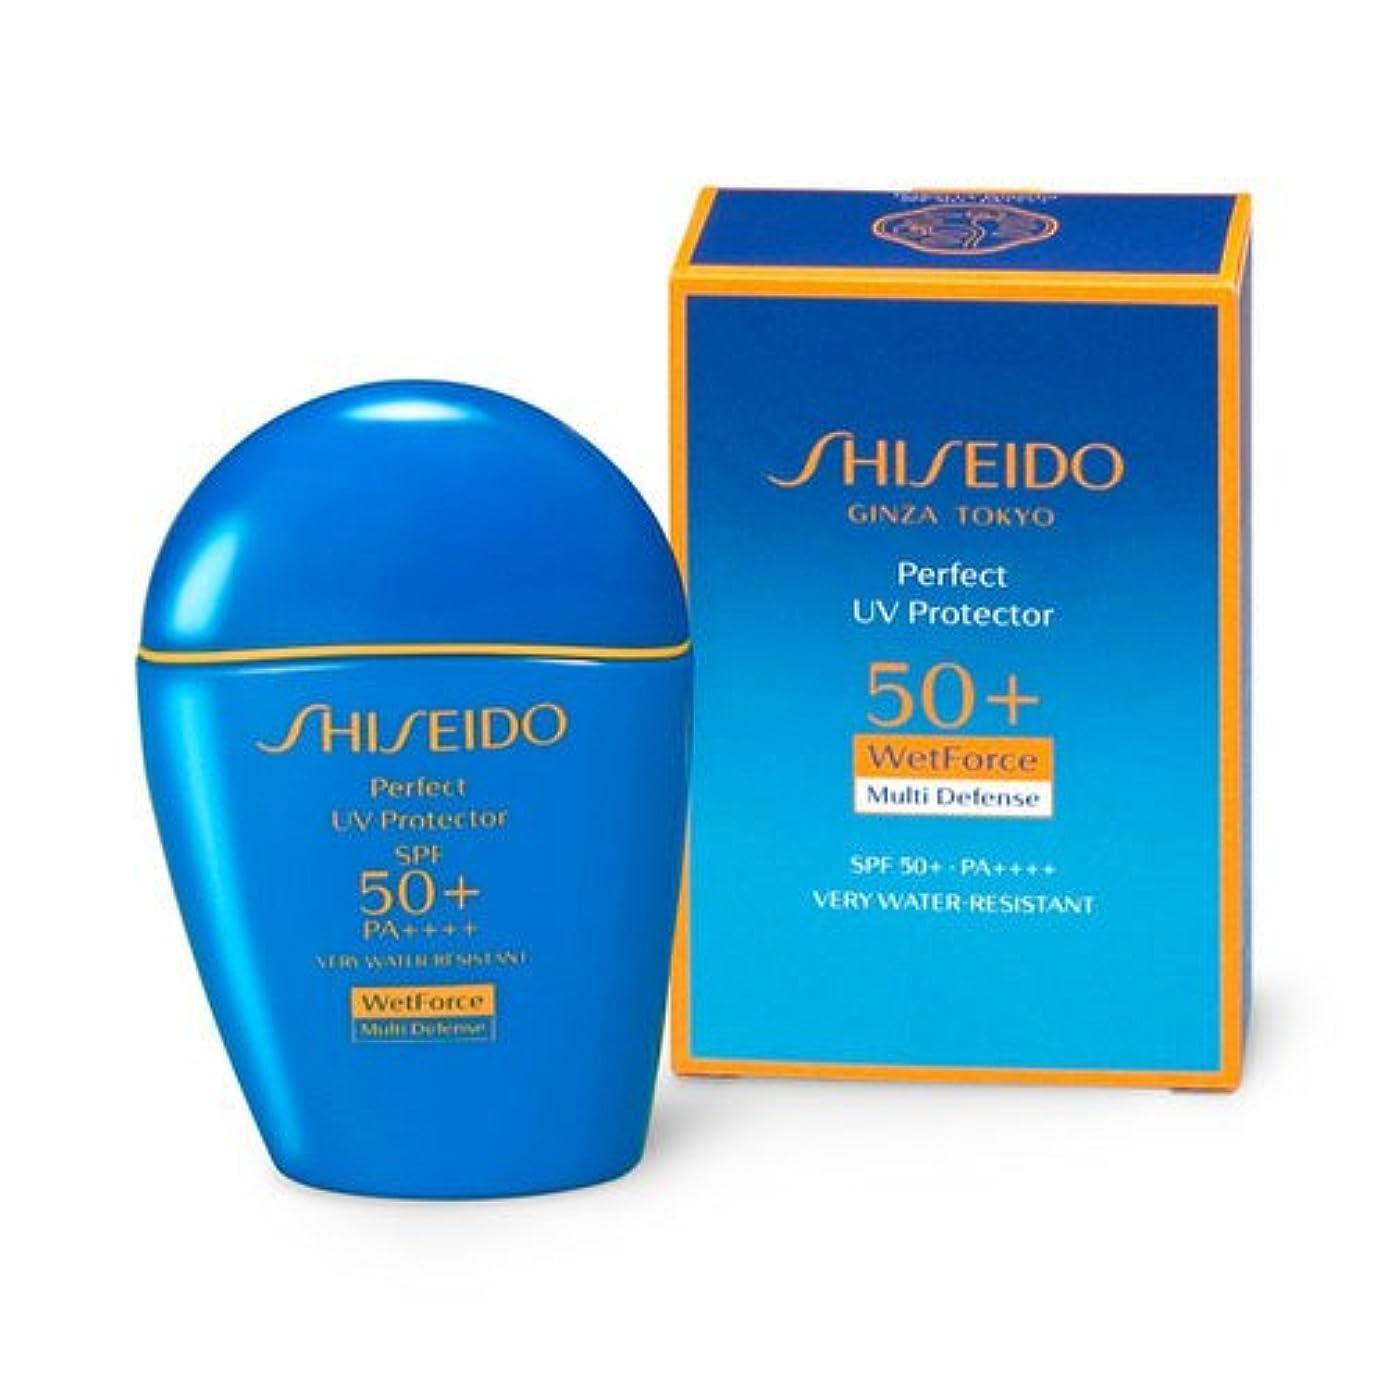 神秘的な一貫性のない袋SHISEIDO Suncare(資生堂 サンケア) SHISEIDO(資生堂) パーフェクト UVプロテクター 50mL